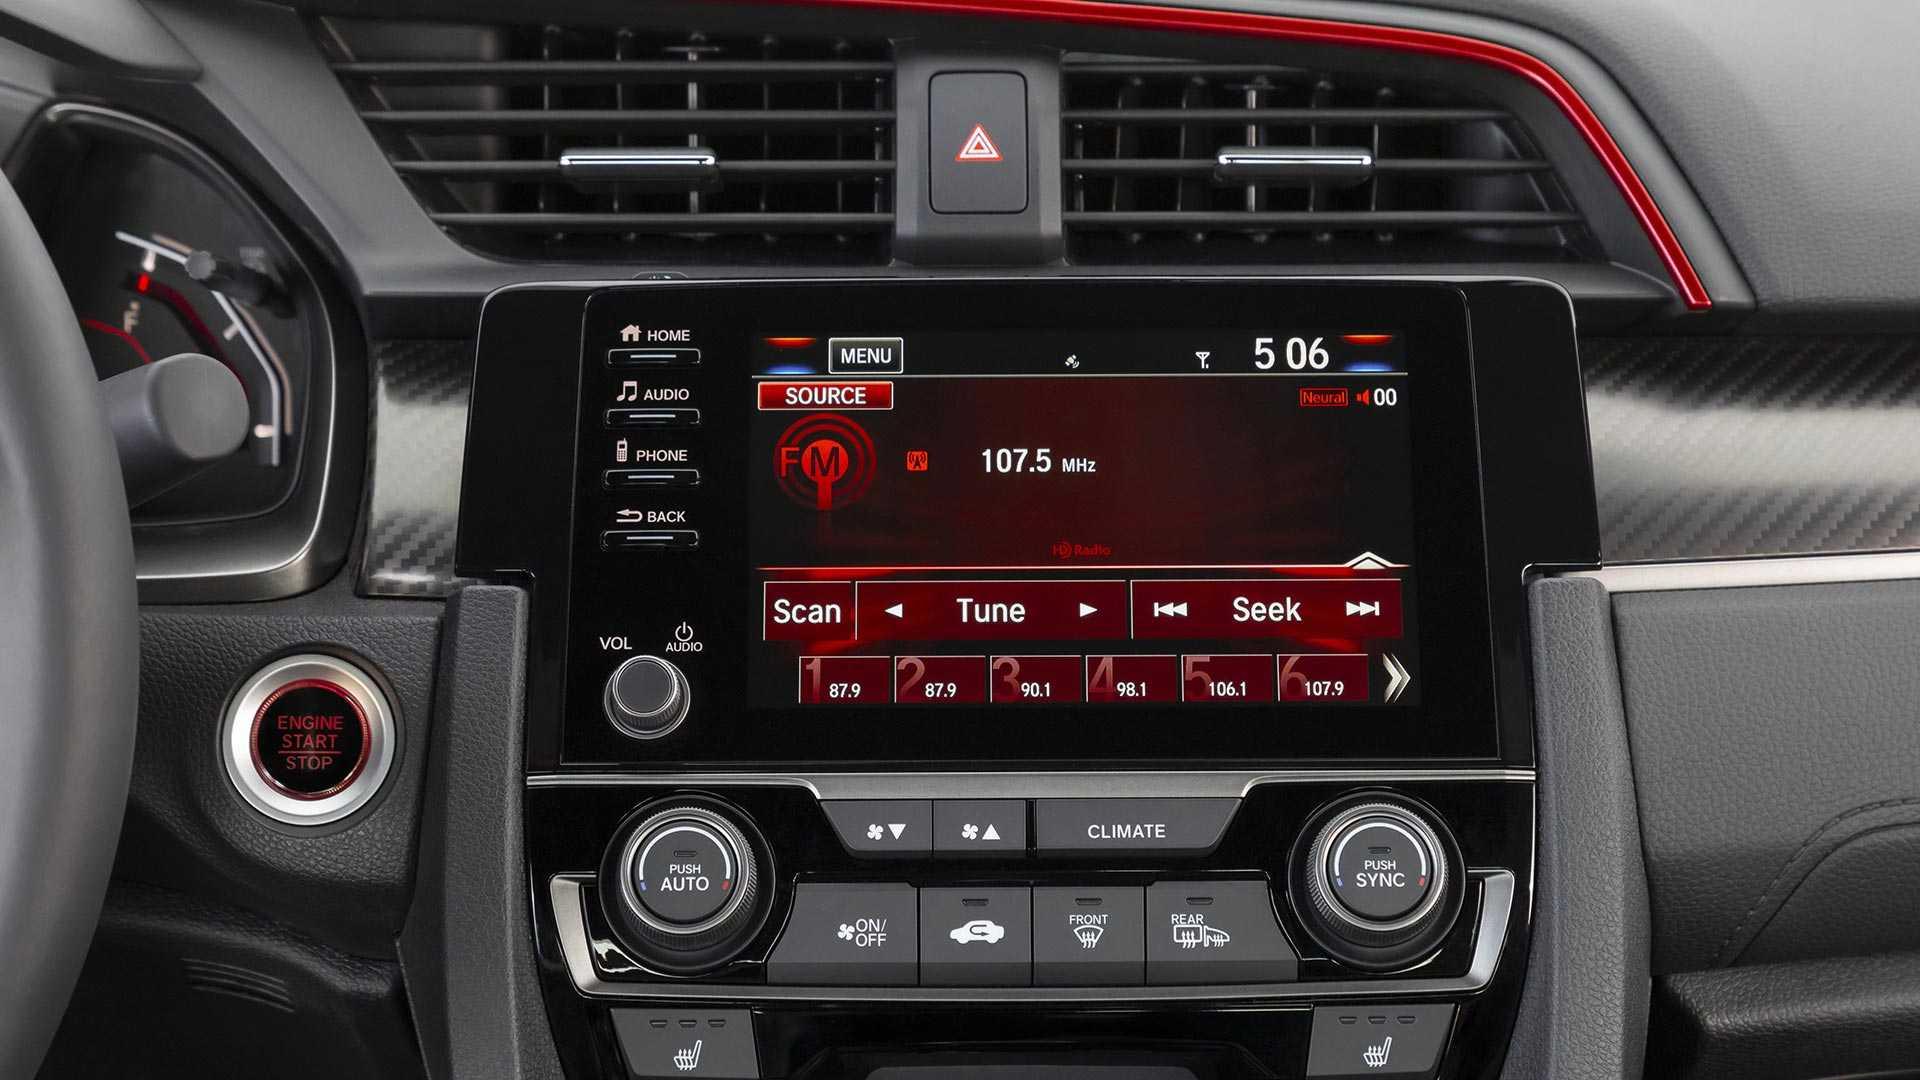 Khám phá Honda Civic Si 2020 phiên bản thể thao - 16